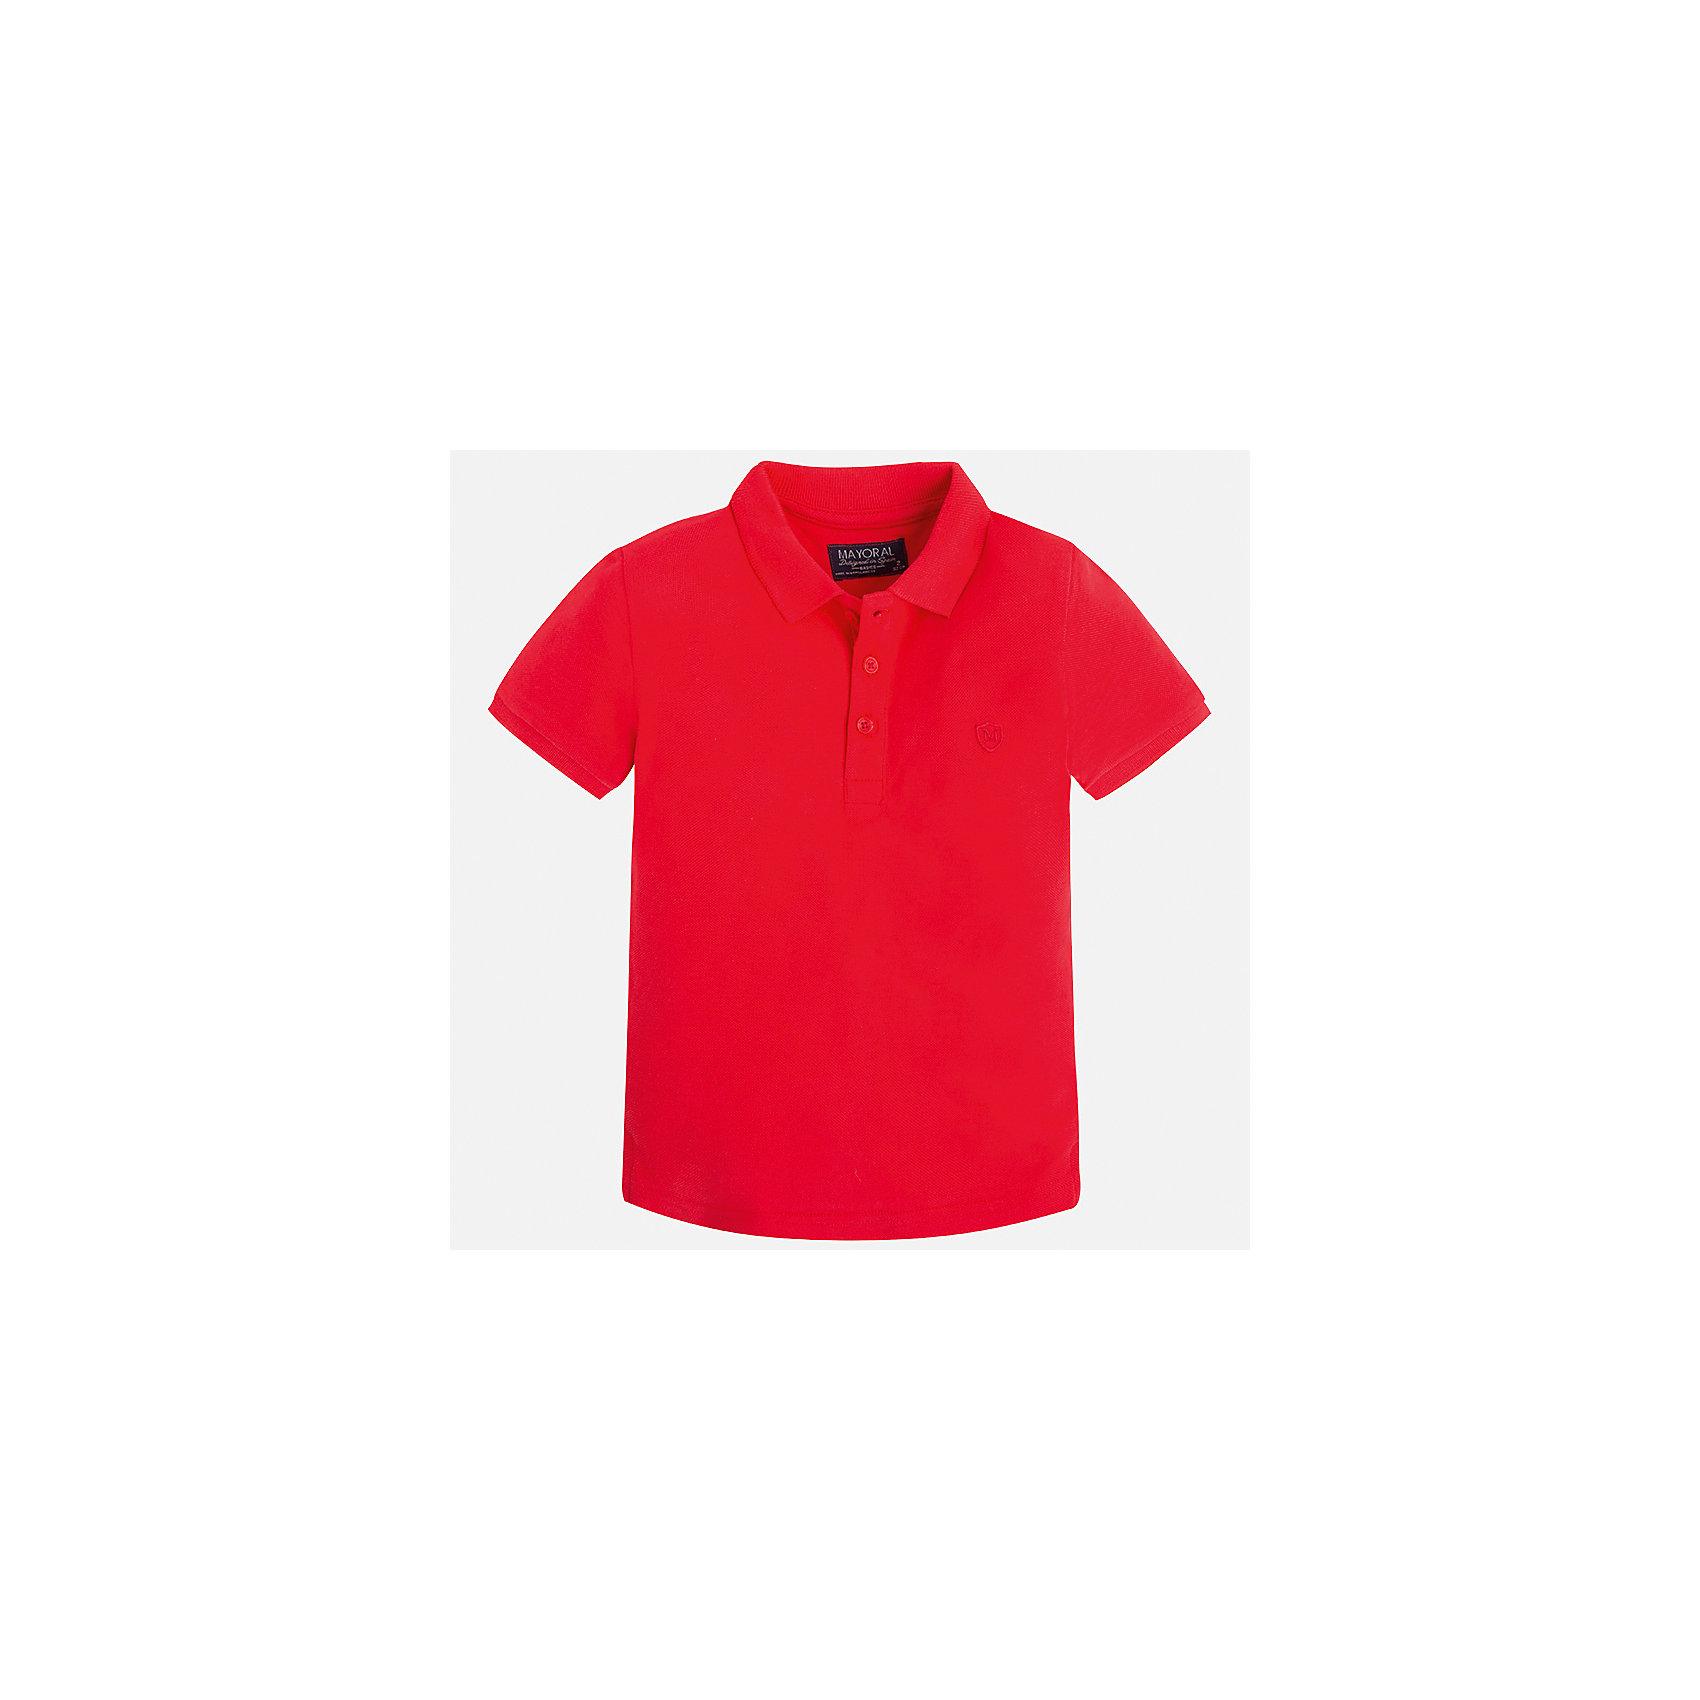 Футболка-поло для мальчика MayoralФутболки, поло и топы<br>Характеристики товара:<br><br>• цвет: красный<br>• состав: 100% хлопок<br>• отложной воротник<br>• короткие рукава<br>• застежка: пуговицы<br>• страна бренда: Испания<br><br>Стильная удобная футболка-поло для мальчика может стать базовой вещью в гардеробе ребенка. Она отлично сочетается с брюками, шортами, джинсами и т.д. Универсальный крой и цвет позволяет подобрать к вещи низ разных расцветок. Практичное и стильное изделие! В составе материала - только натуральный хлопок, гипоаллергенный, приятный на ощупь, дышащий.<br><br>Одежда, обувь и аксессуары от испанского бренда Mayoral полюбились детям и взрослым по всему миру. Модели этой марки - стильные и удобные. Для их производства используются только безопасные, качественные материалы и фурнитура. Порадуйте ребенка модными и красивыми вещами от Mayoral! <br><br>Футболку-поло для мальчика от испанского бренда Mayoral (Майорал) можно купить в нашем интернет-магазине.<br><br>Ширина мм: 230<br>Глубина мм: 40<br>Высота мм: 220<br>Вес г: 250<br>Цвет: красный<br>Возраст от месяцев: 18<br>Возраст до месяцев: 24<br>Пол: Мужской<br>Возраст: Детский<br>Размер: 92,122,116,110,104,98,134,128<br>SKU: 5277785